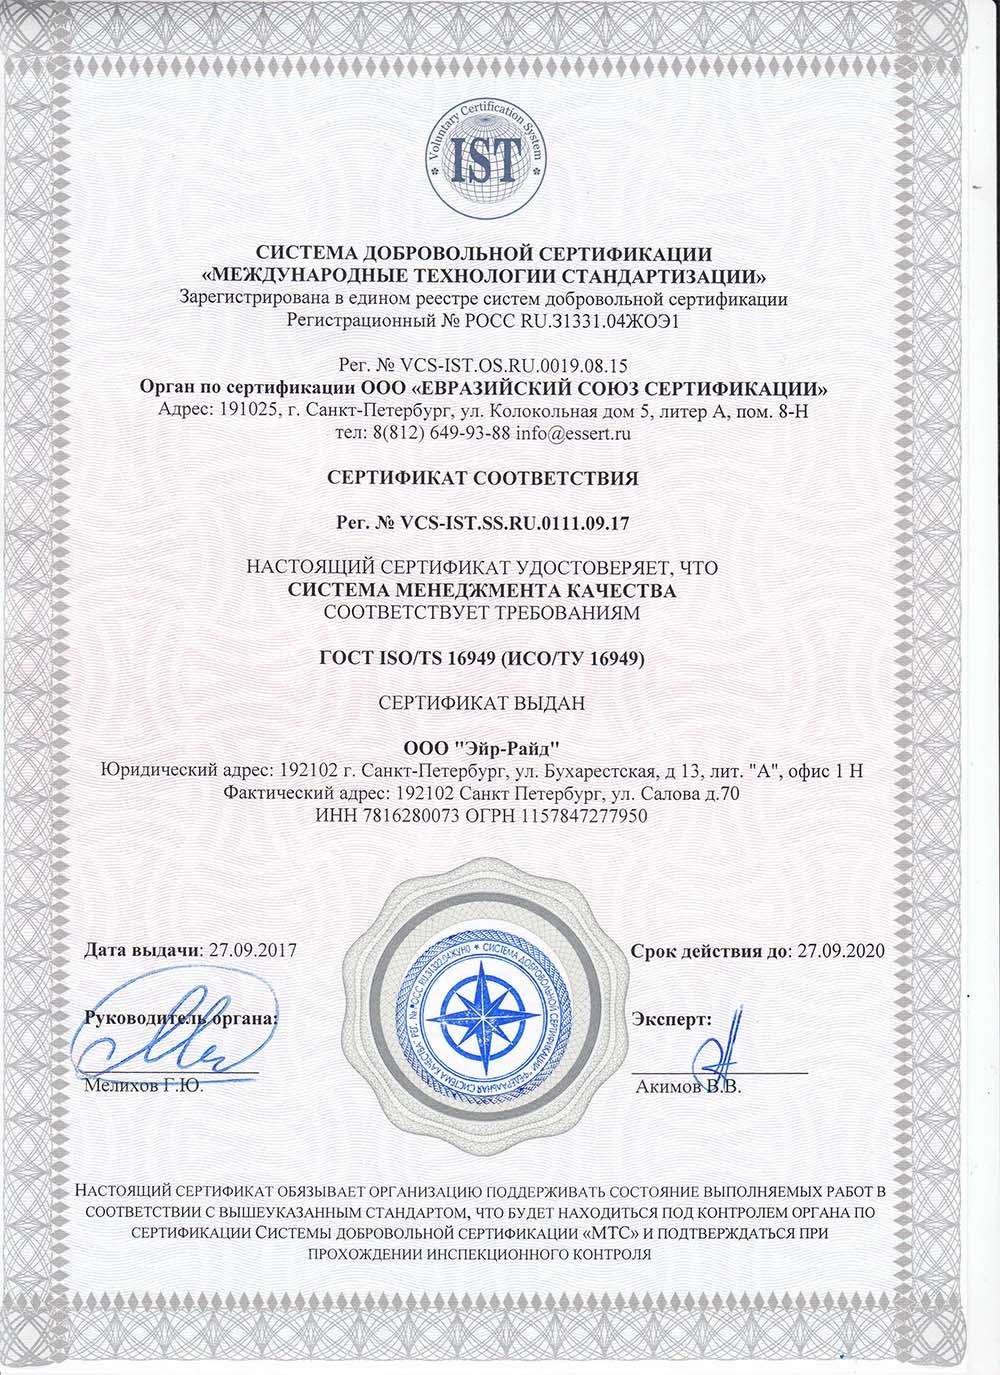 сертификат исо эйр-райд